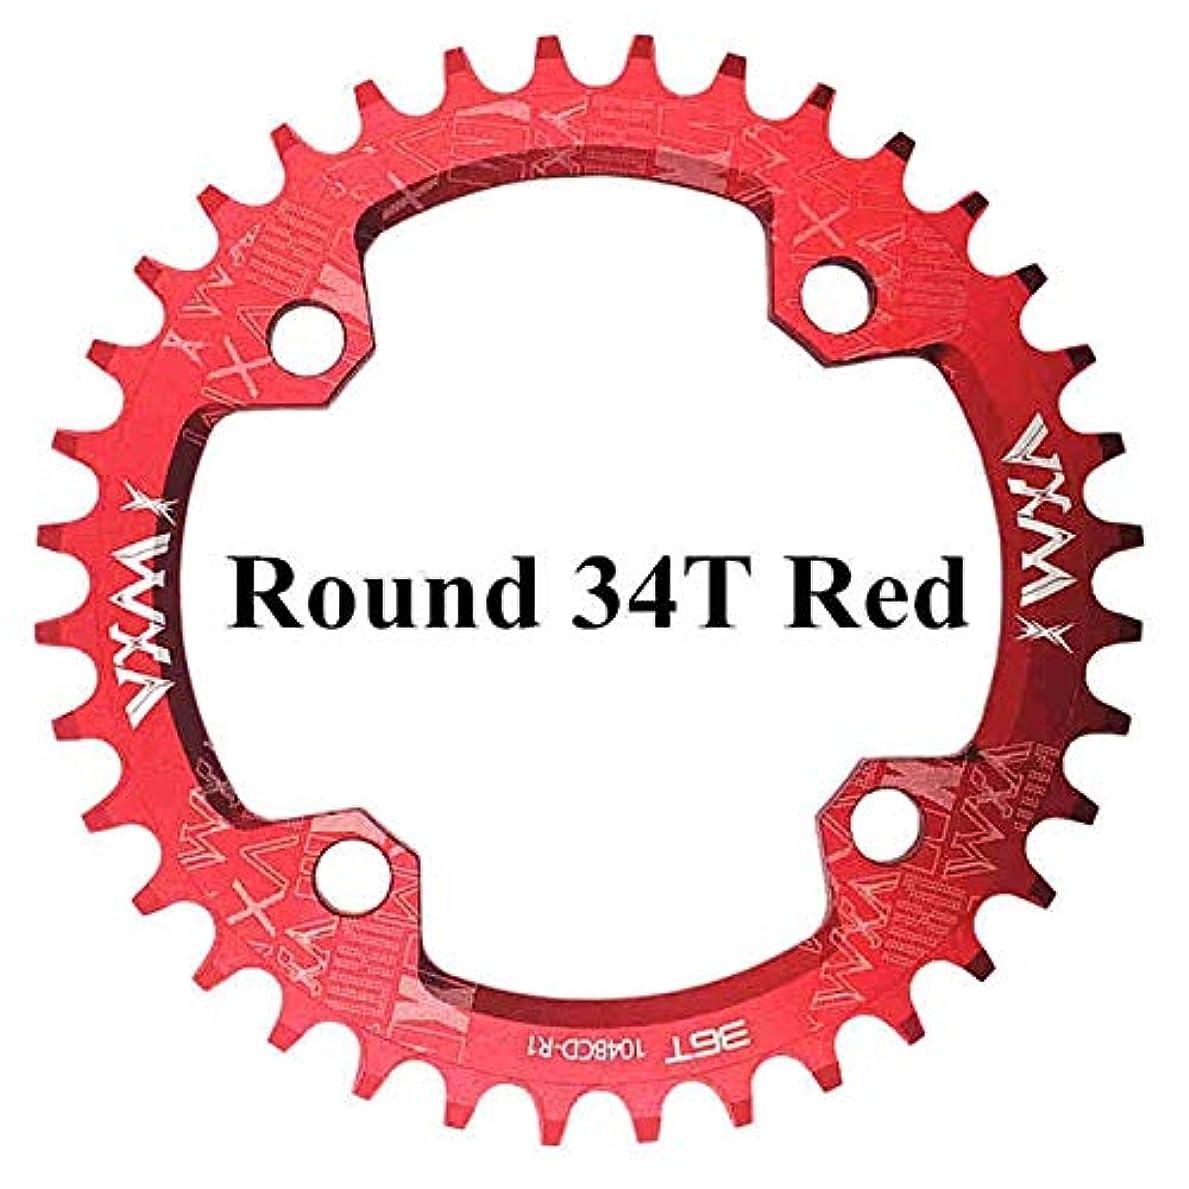 受付冒険者息を切らしてPropenary - 自転車104BCDクランクオーバルラウンド30T 32T 34T 36T 38T 40T 42T 44T 46T 48T 50T 52TチェーンホイールXT狭い広い自転車チェーンリング[ラウンド34Tレッド]